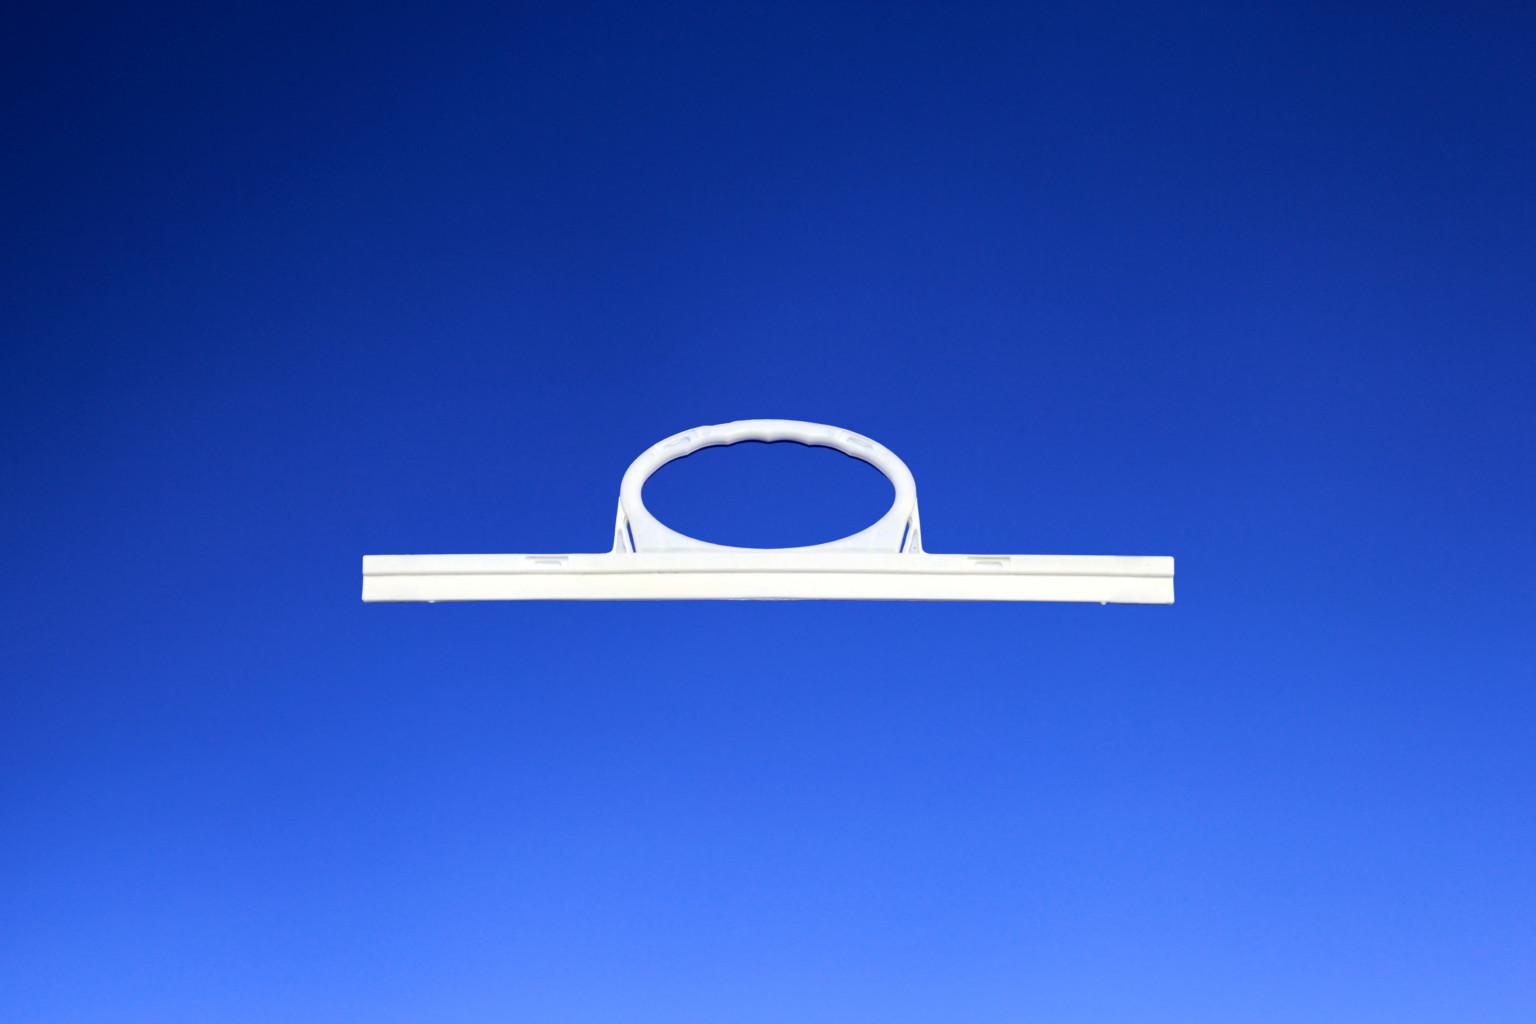 Luxus-Tragetaschen-Mehrwegverpackung-Doppelgriff-Durchsteckgriff-DSG-Oval-275-Sicherheitsverschluss-mit-Diebstahlschutz